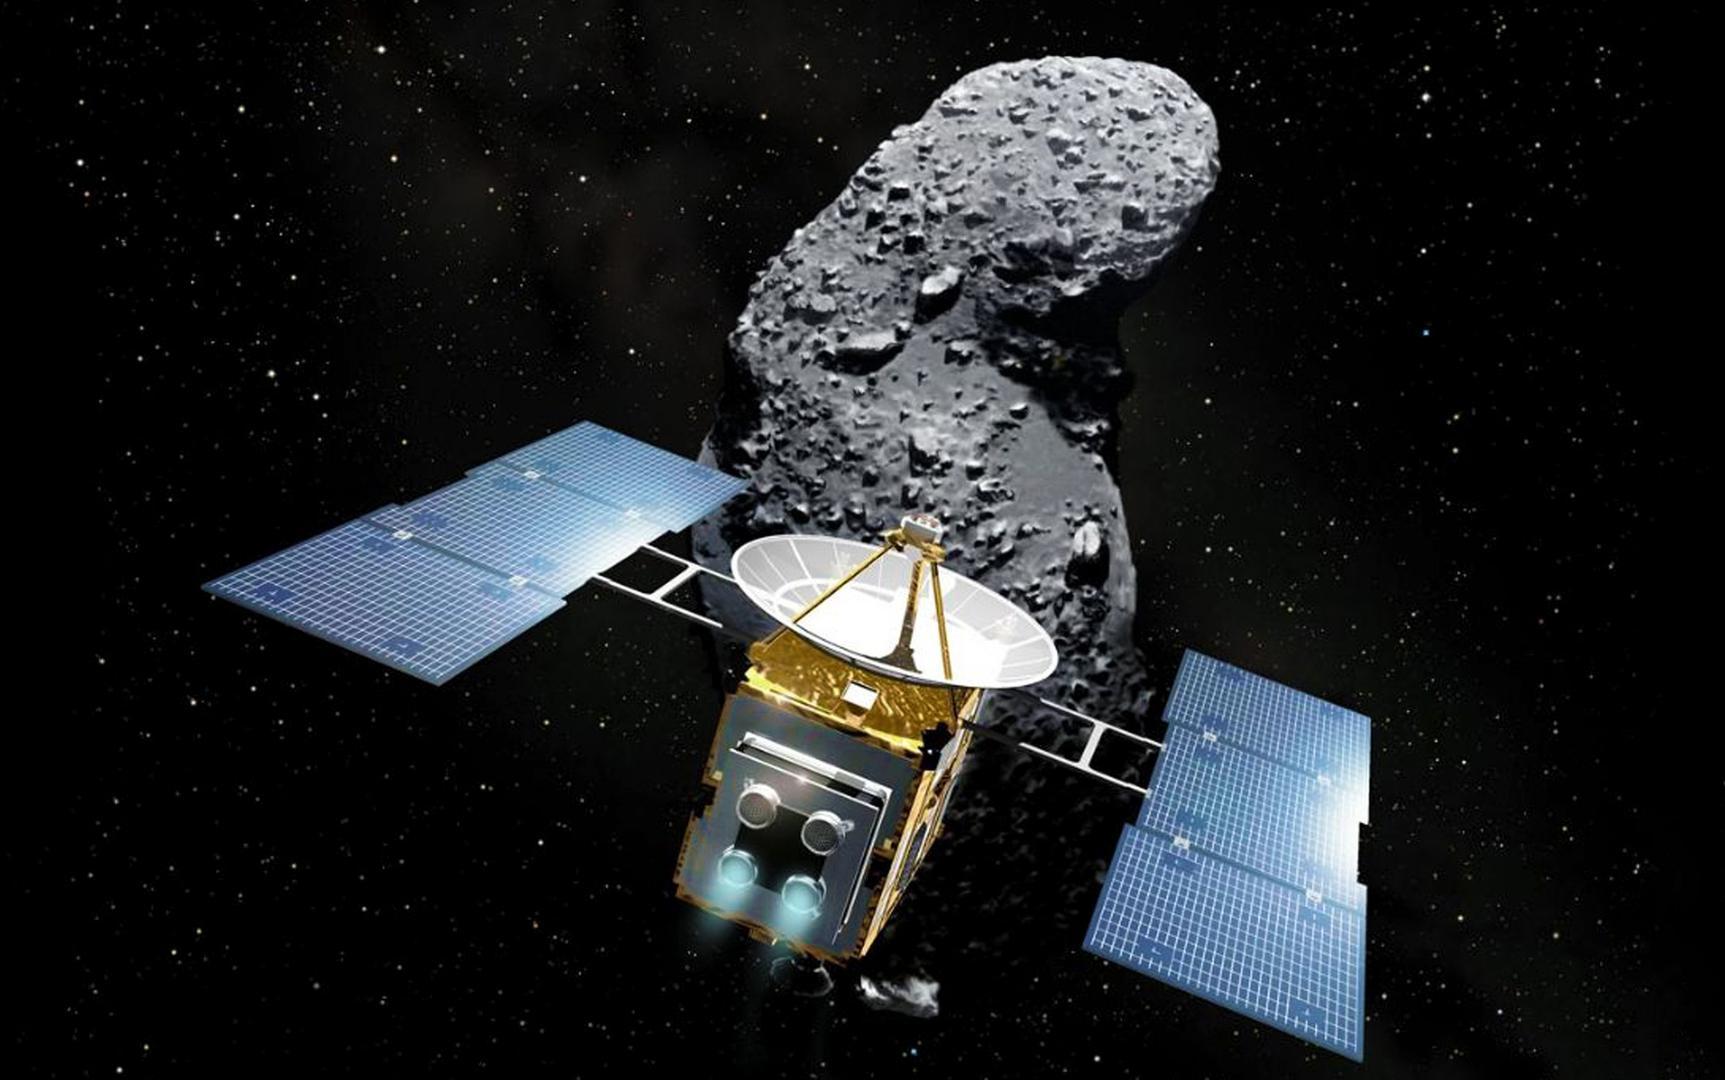 Hayabusa 2 приземление на астероид: фото, история, пробы